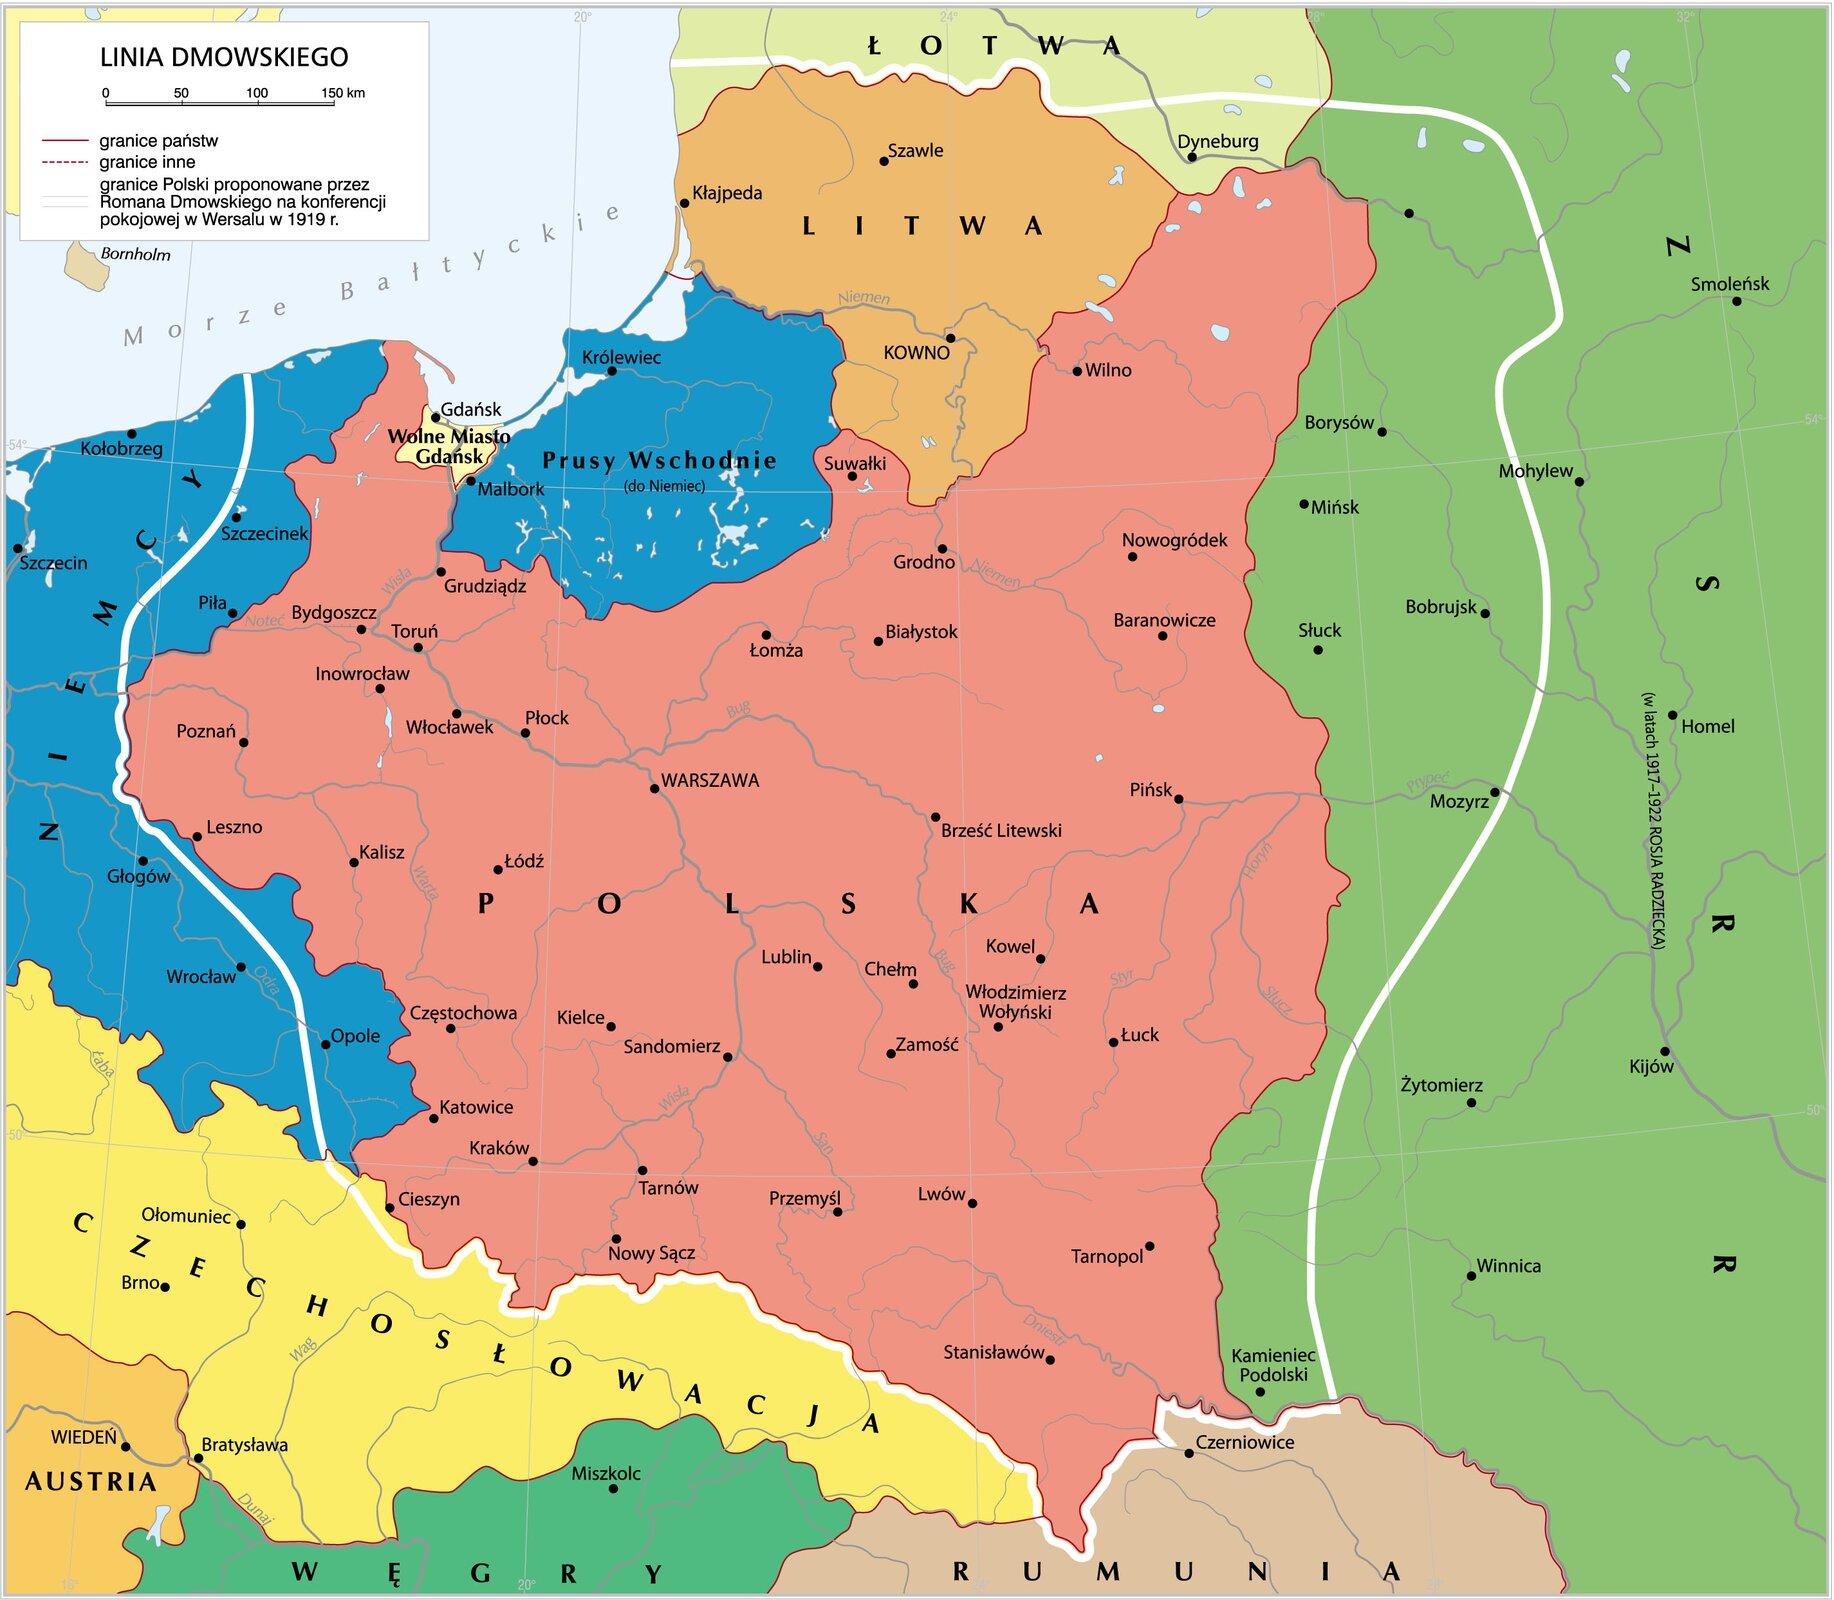 Linia Dmowskiego Linia Dmowskiego Źródło: Krystian Chariza izespół, licencja: CC BY 3.0.